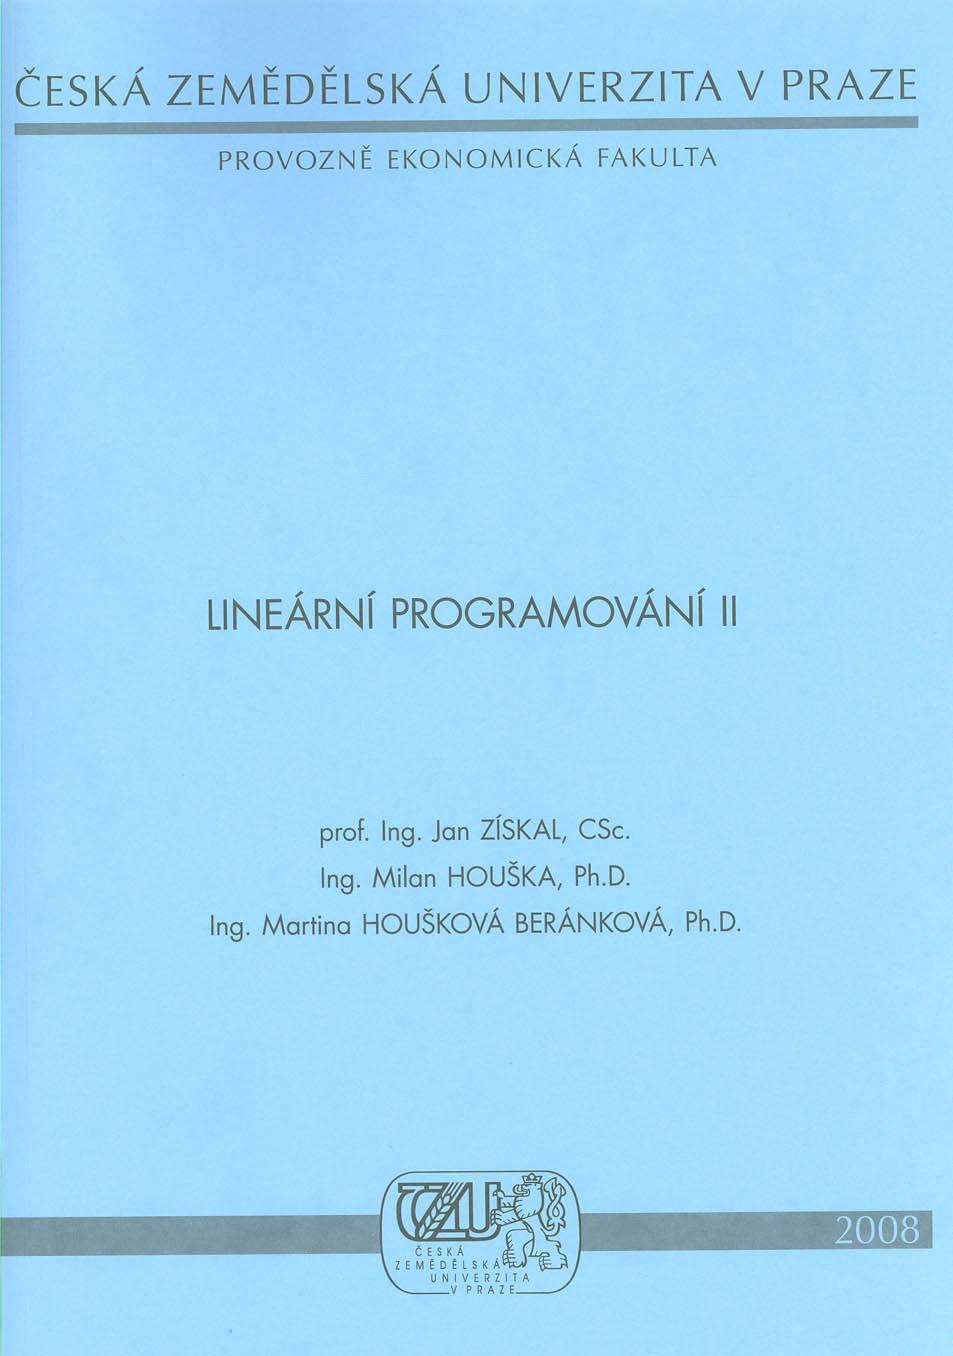 Lineární programování II